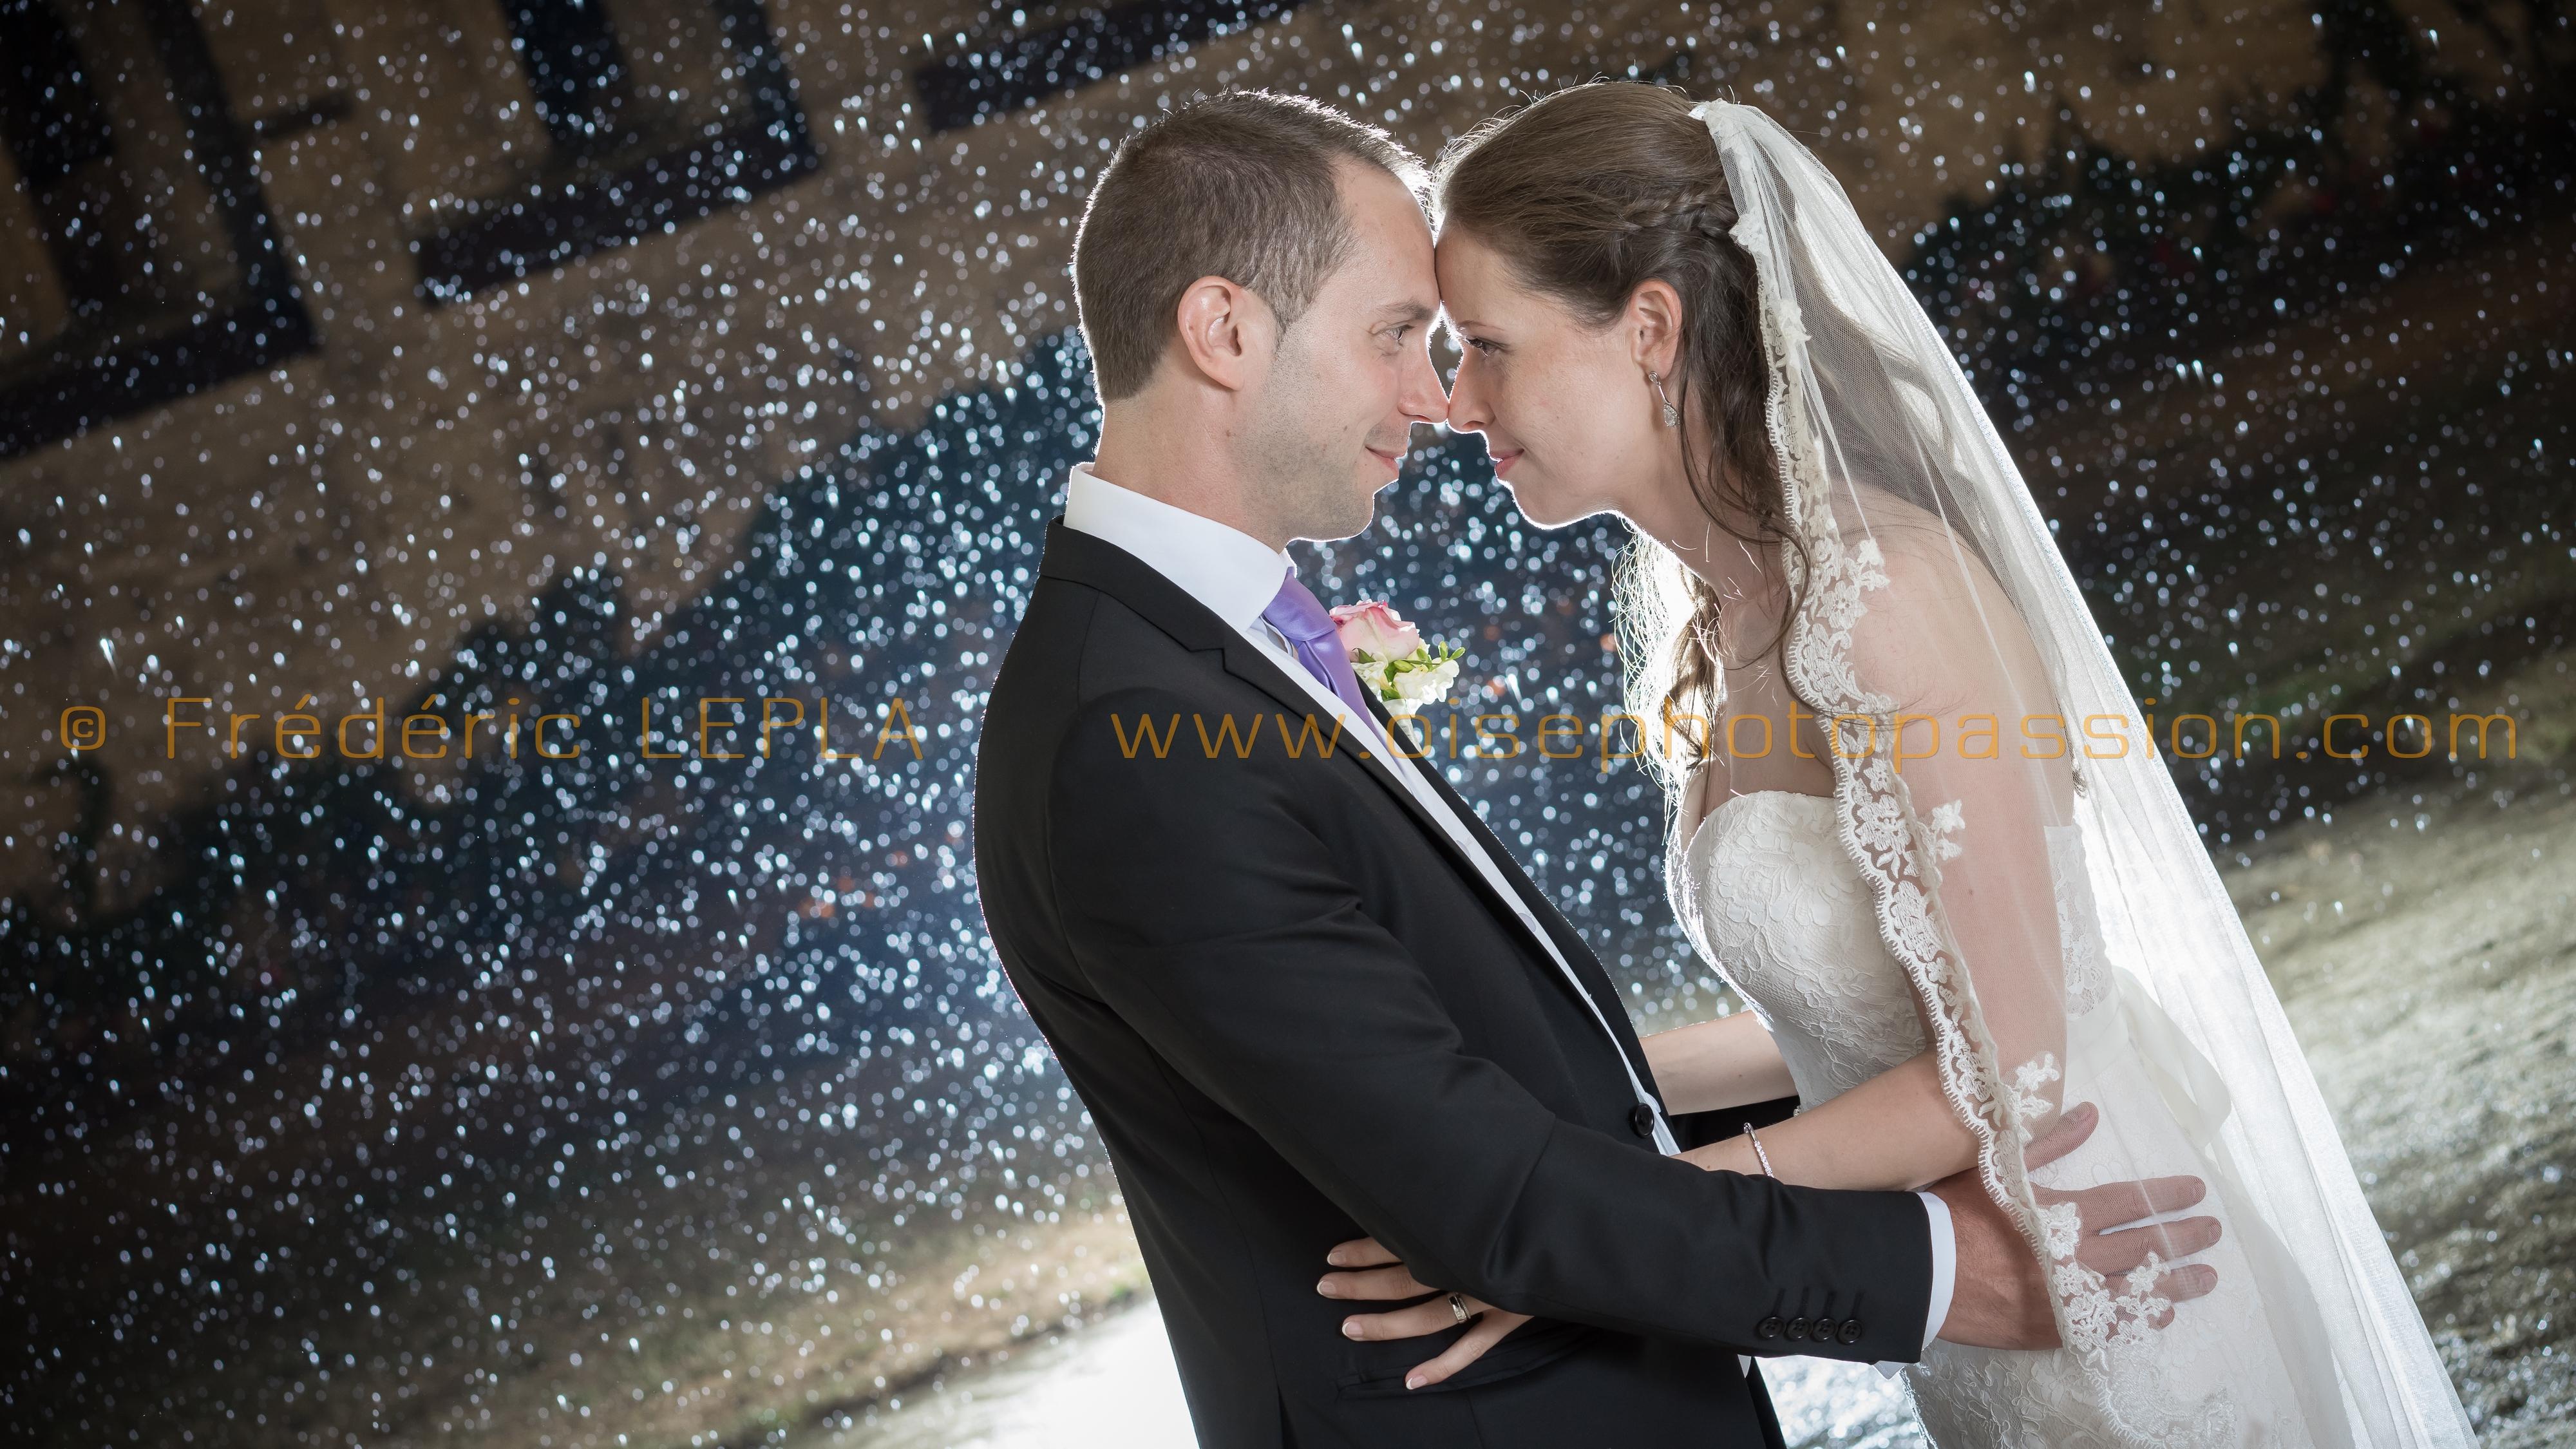 Photographie mariage de nuit